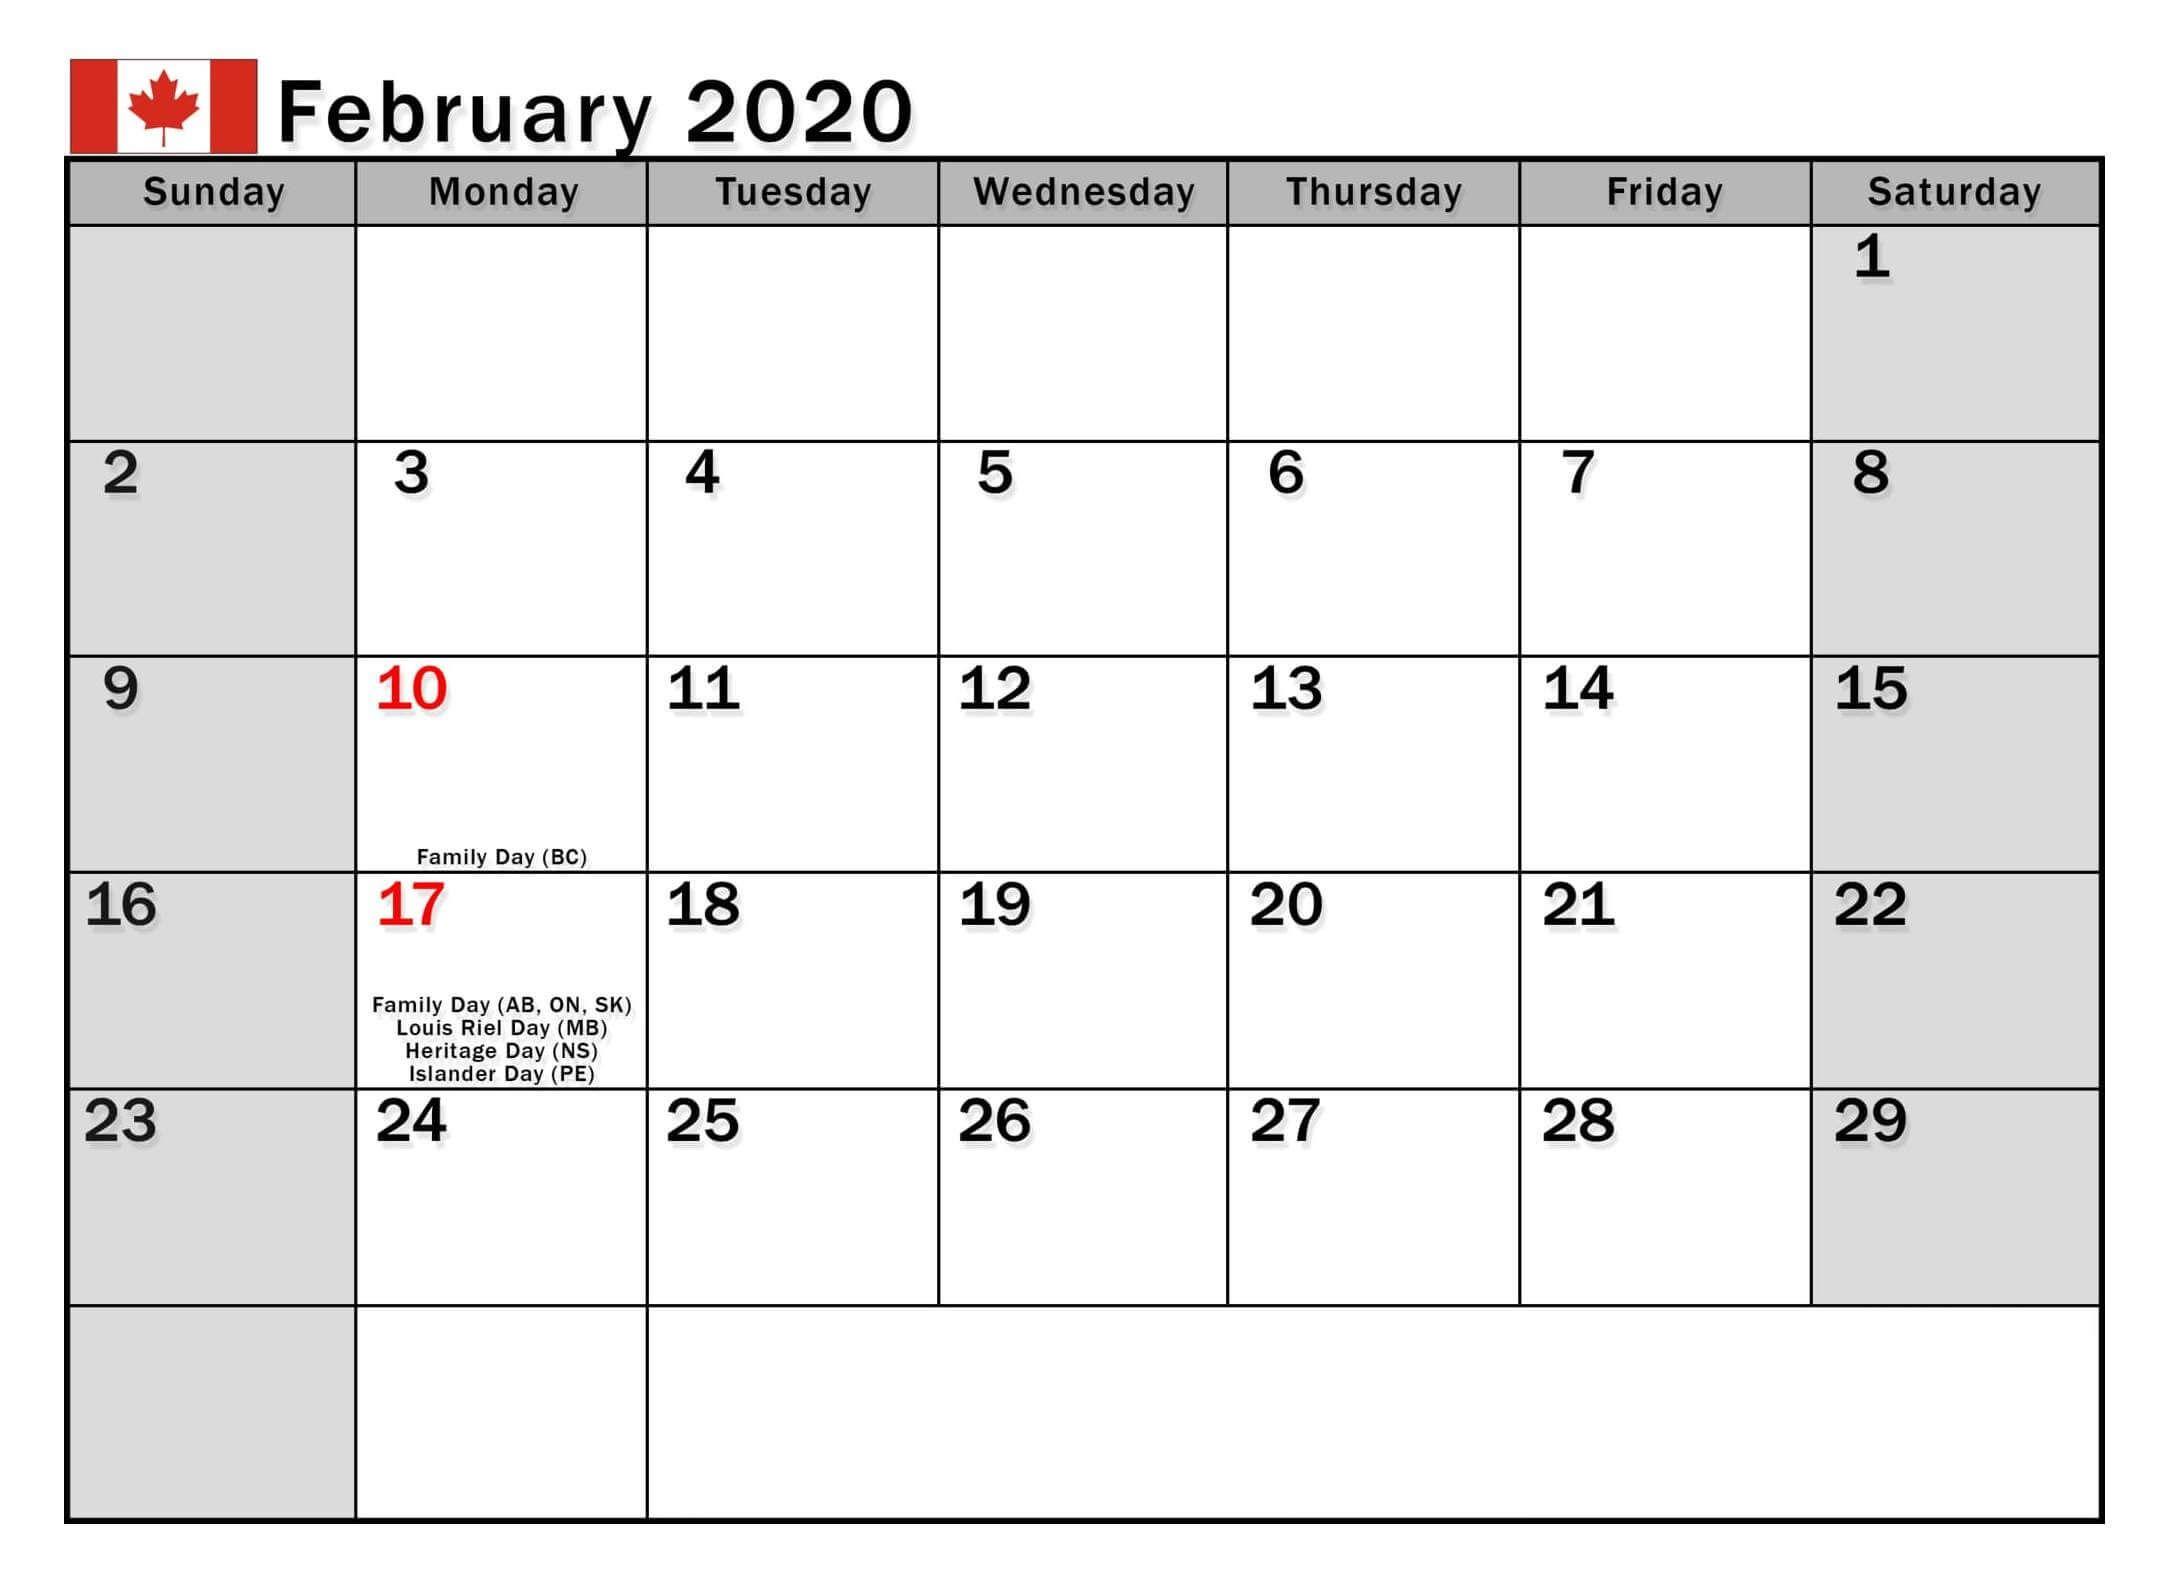 February 2020 Calendar With Holidays US, UK, Canada, India